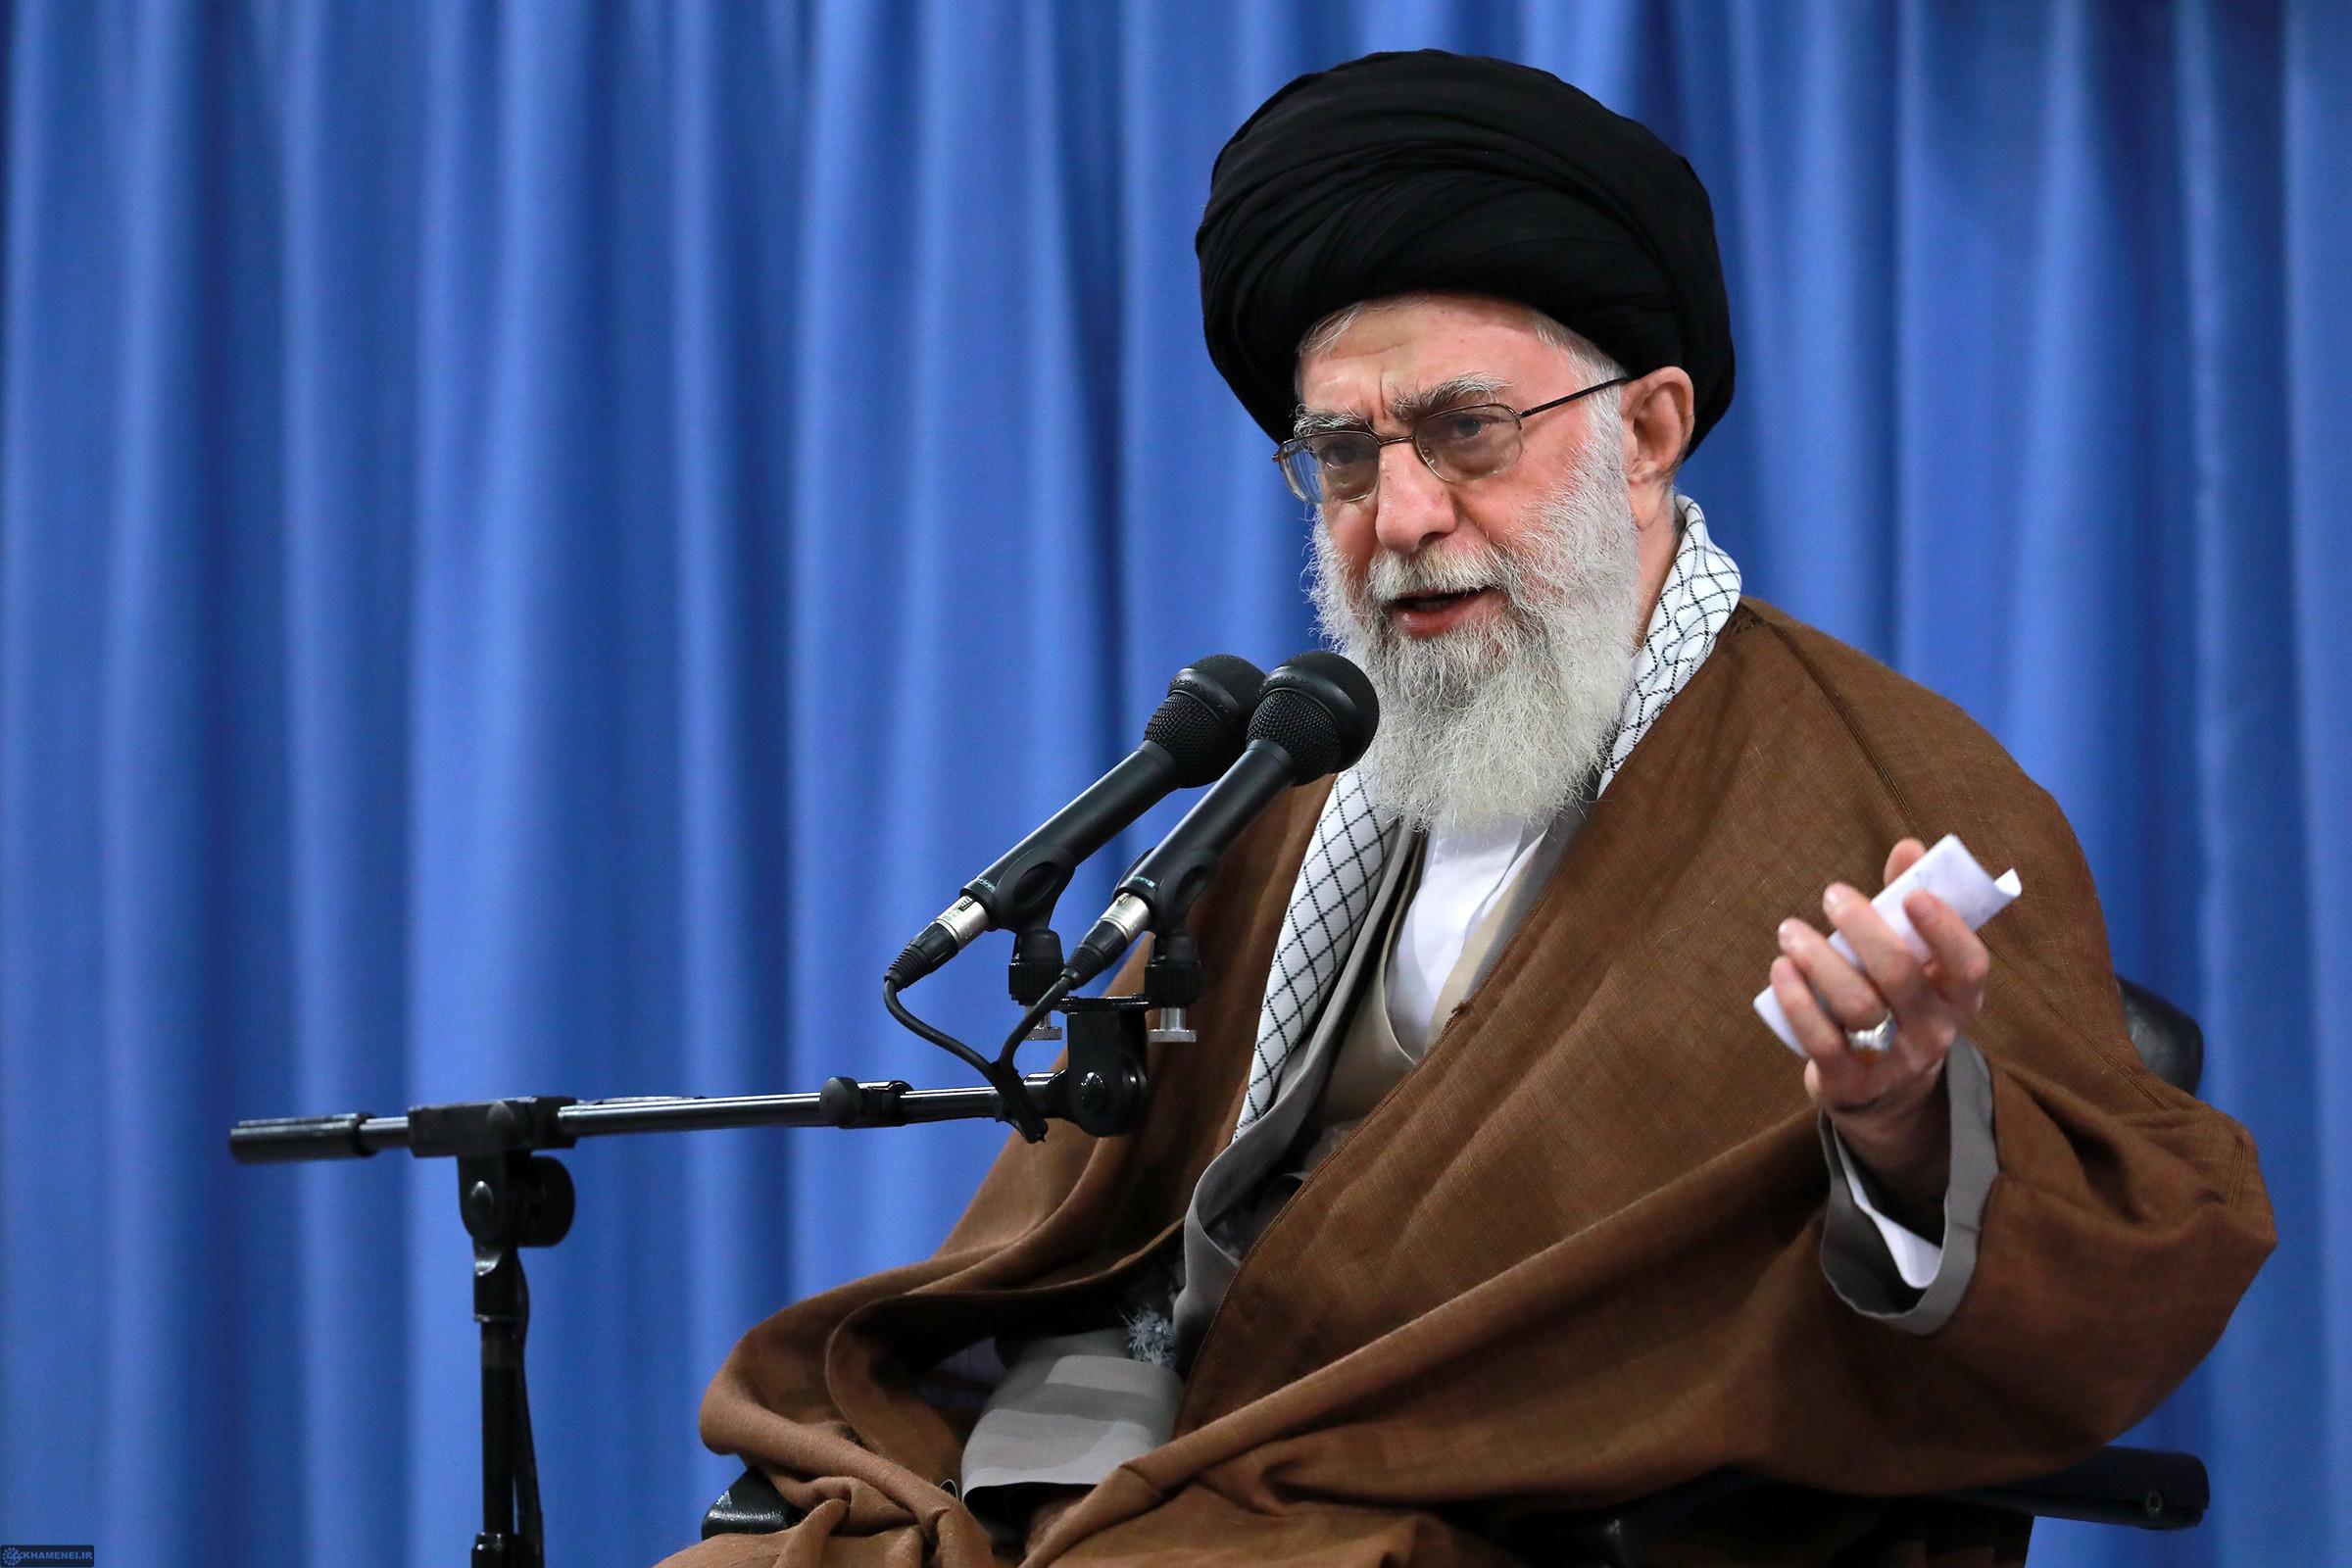 دانلود فیلم واکنش رهبر انقلاب به حوادث تظاهرات و شورش در ایران